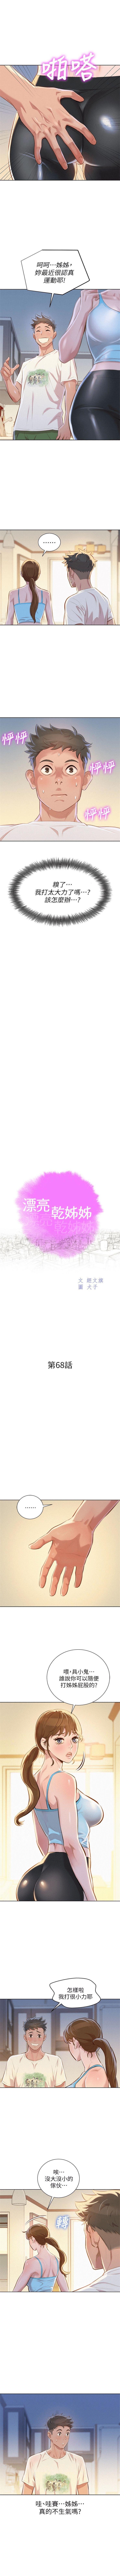 (週7)漂亮幹姐姐  1-92 中文翻譯 (更新中) 367